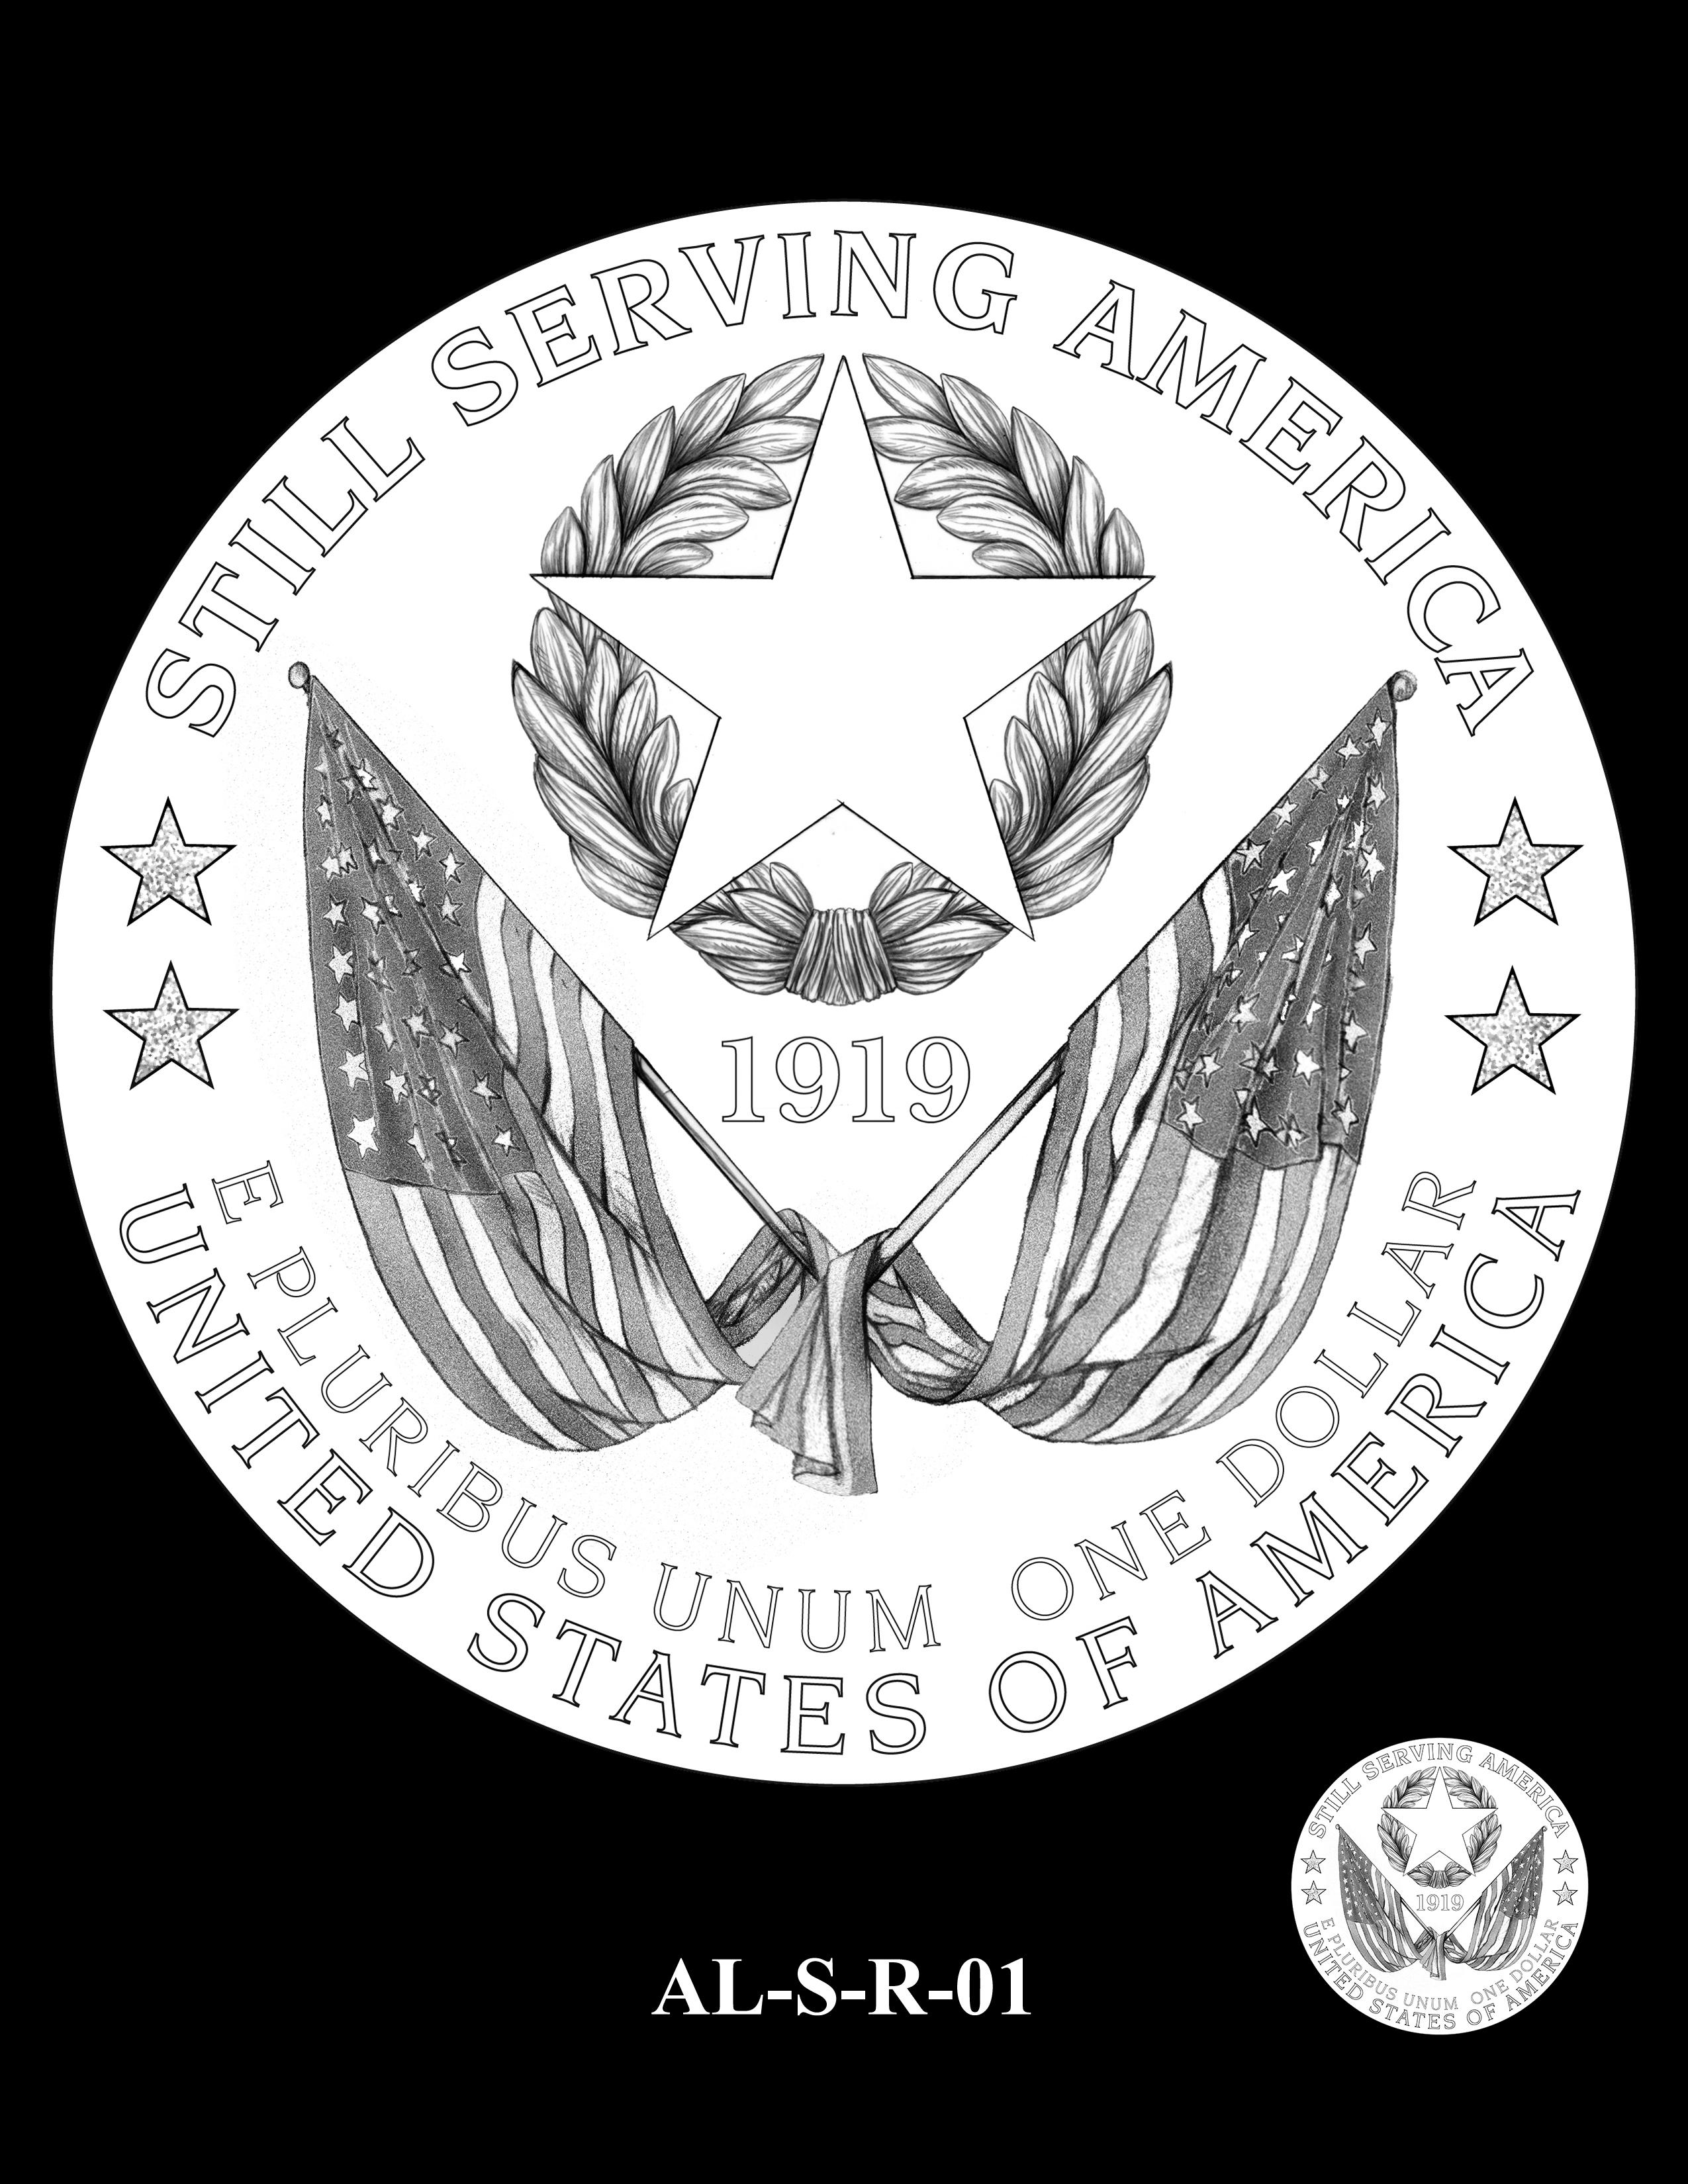 AL-S-R-01 -- 2019 American Legion 100th Anniversary Commemorative Coin Program - Silver Reverse